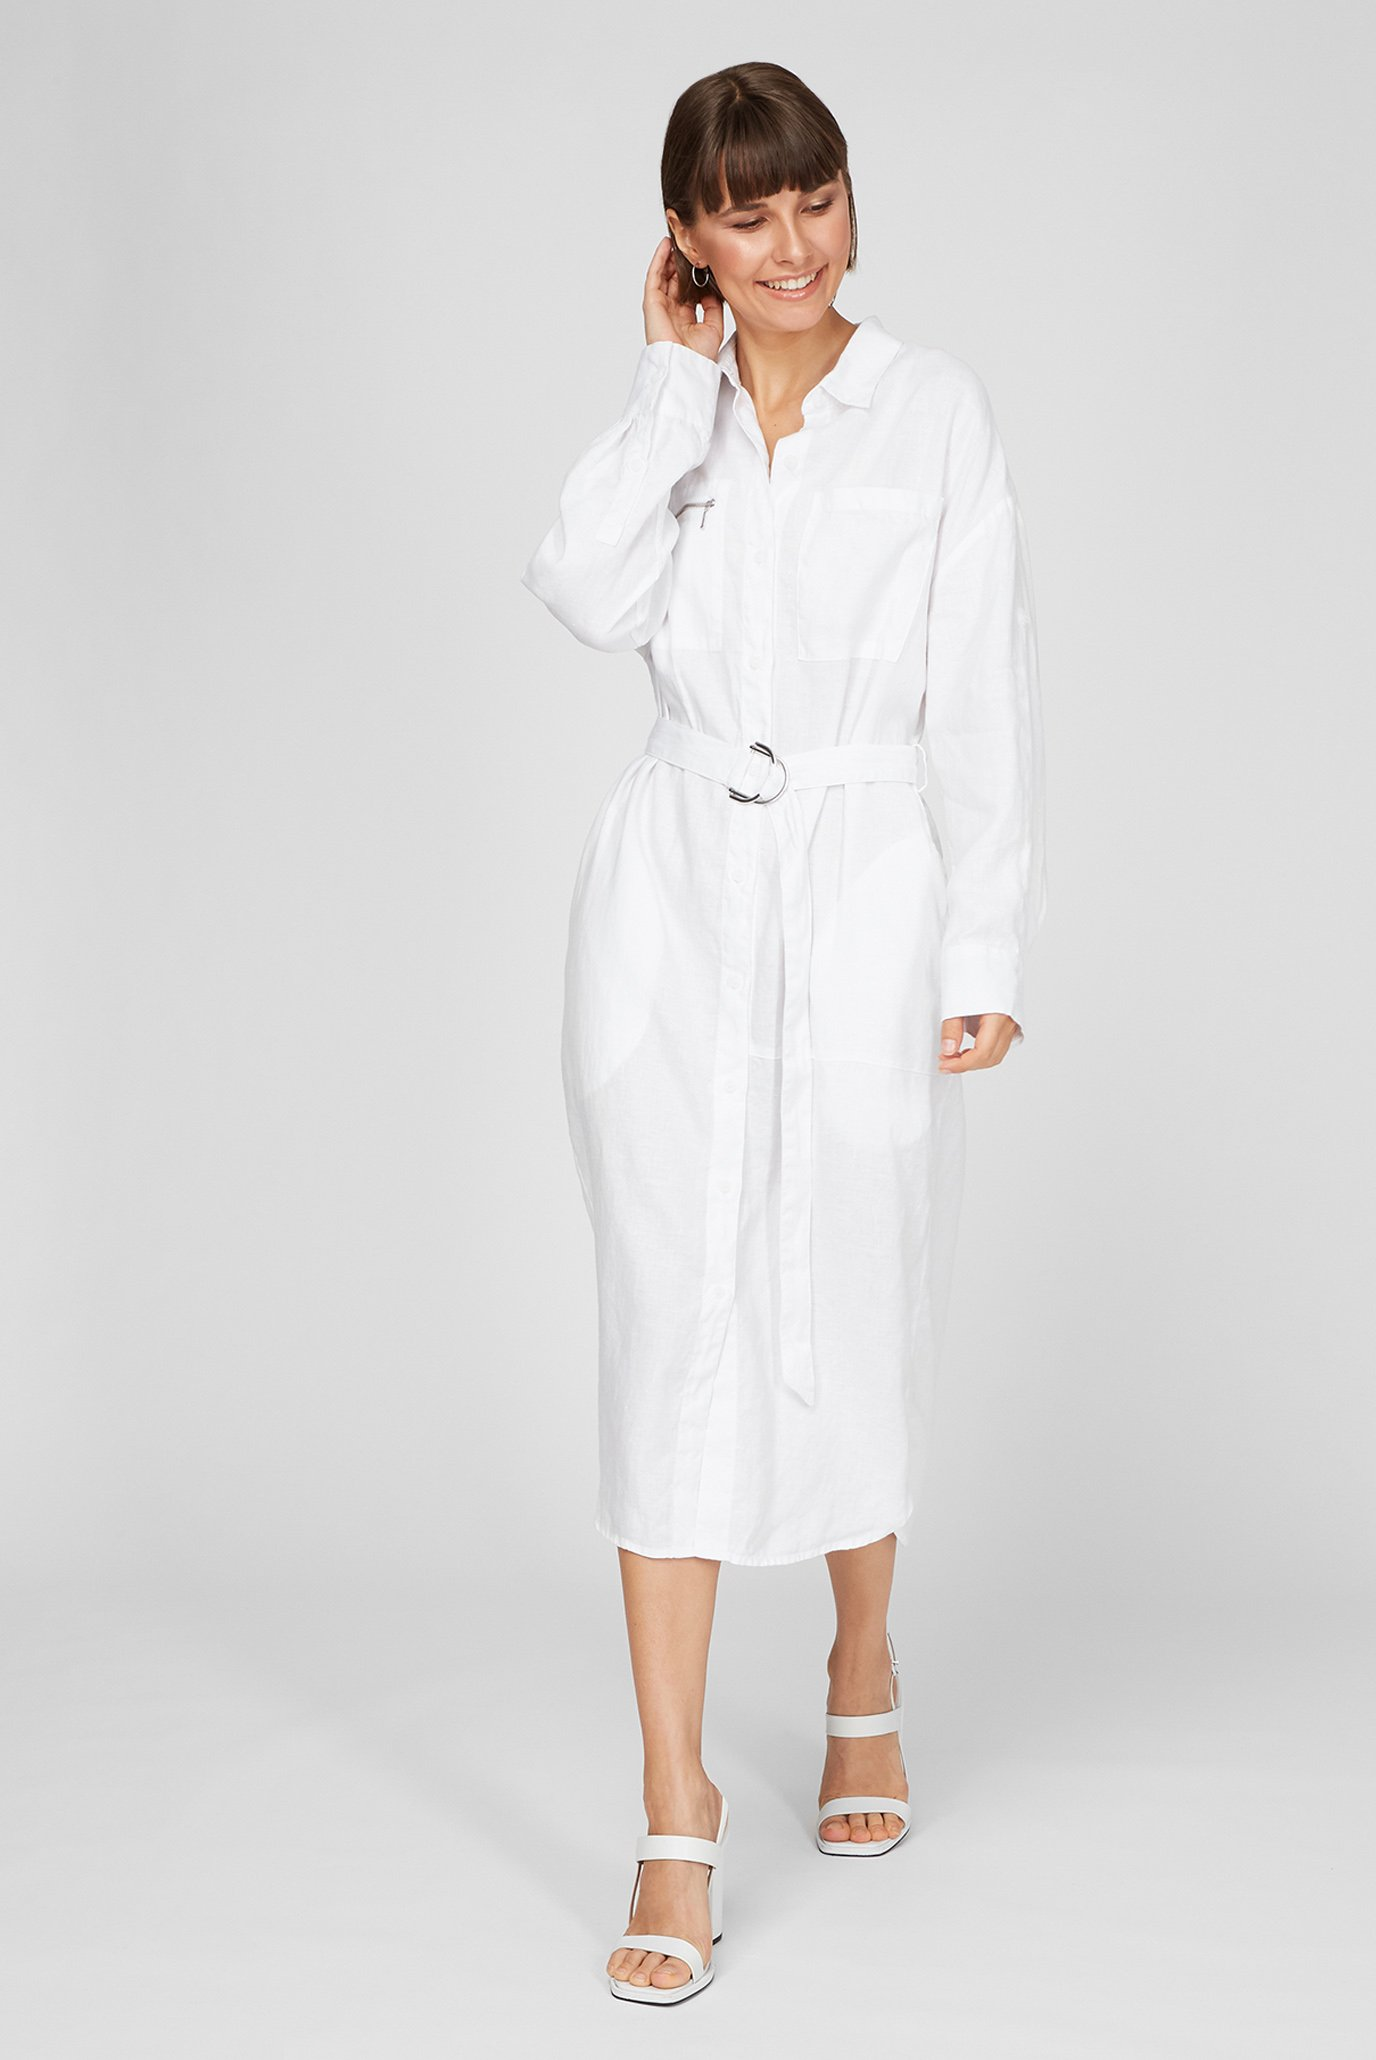 Жіноча біла лляна сукня 1